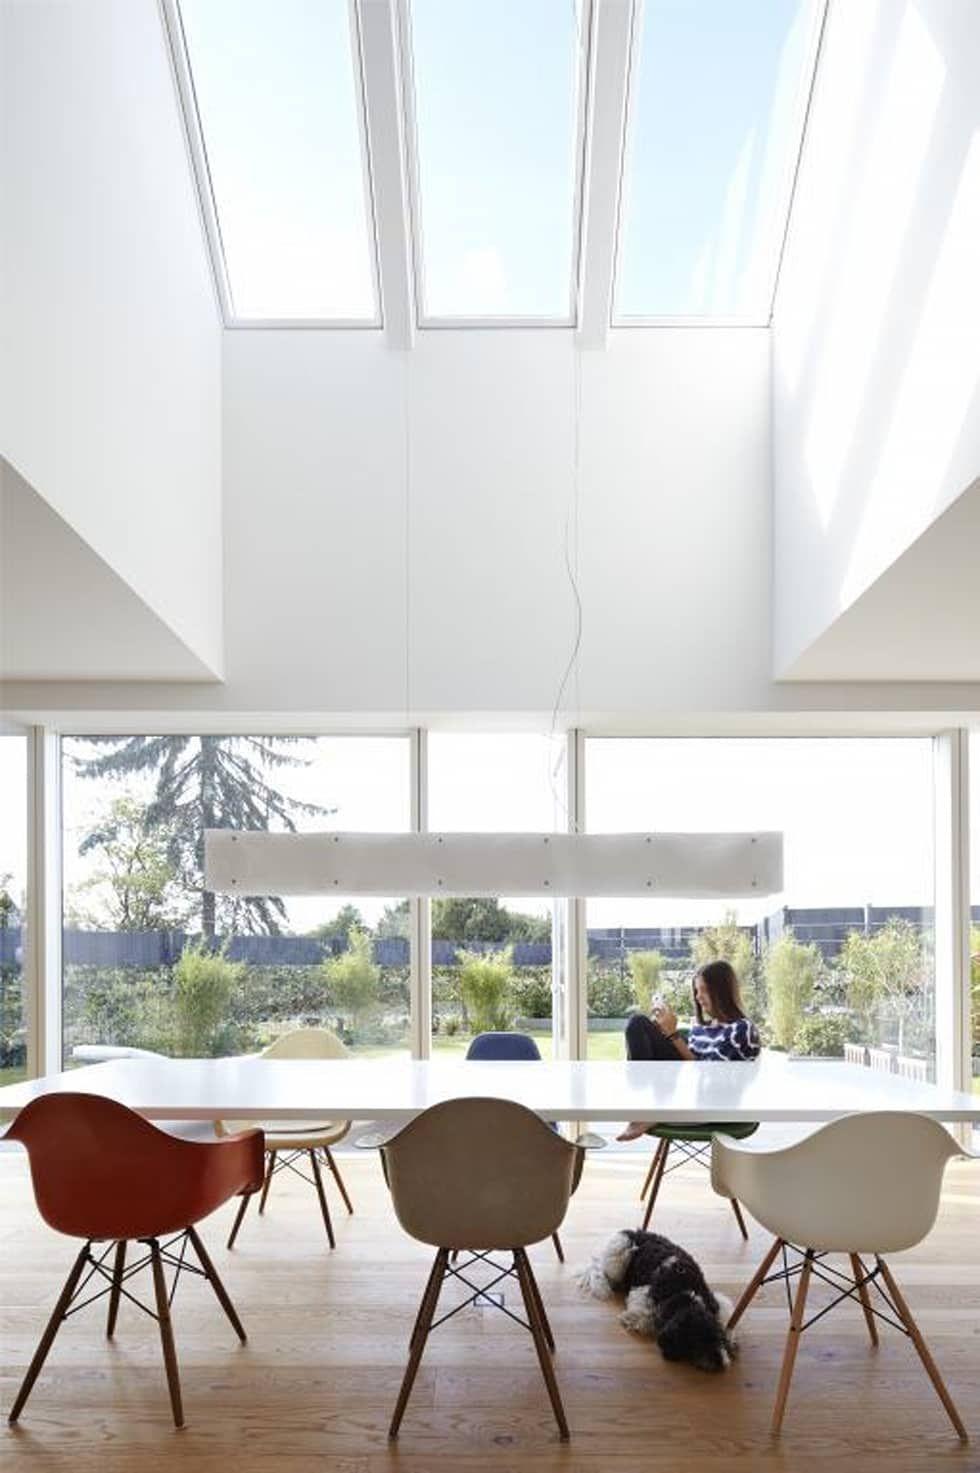 Esstisch Mit Luftraum Moderne Esszimmer Von Falke Architekten Modern Homify Haus Renovierung Ideen Esszimmer Modern Modernes Esszimmer